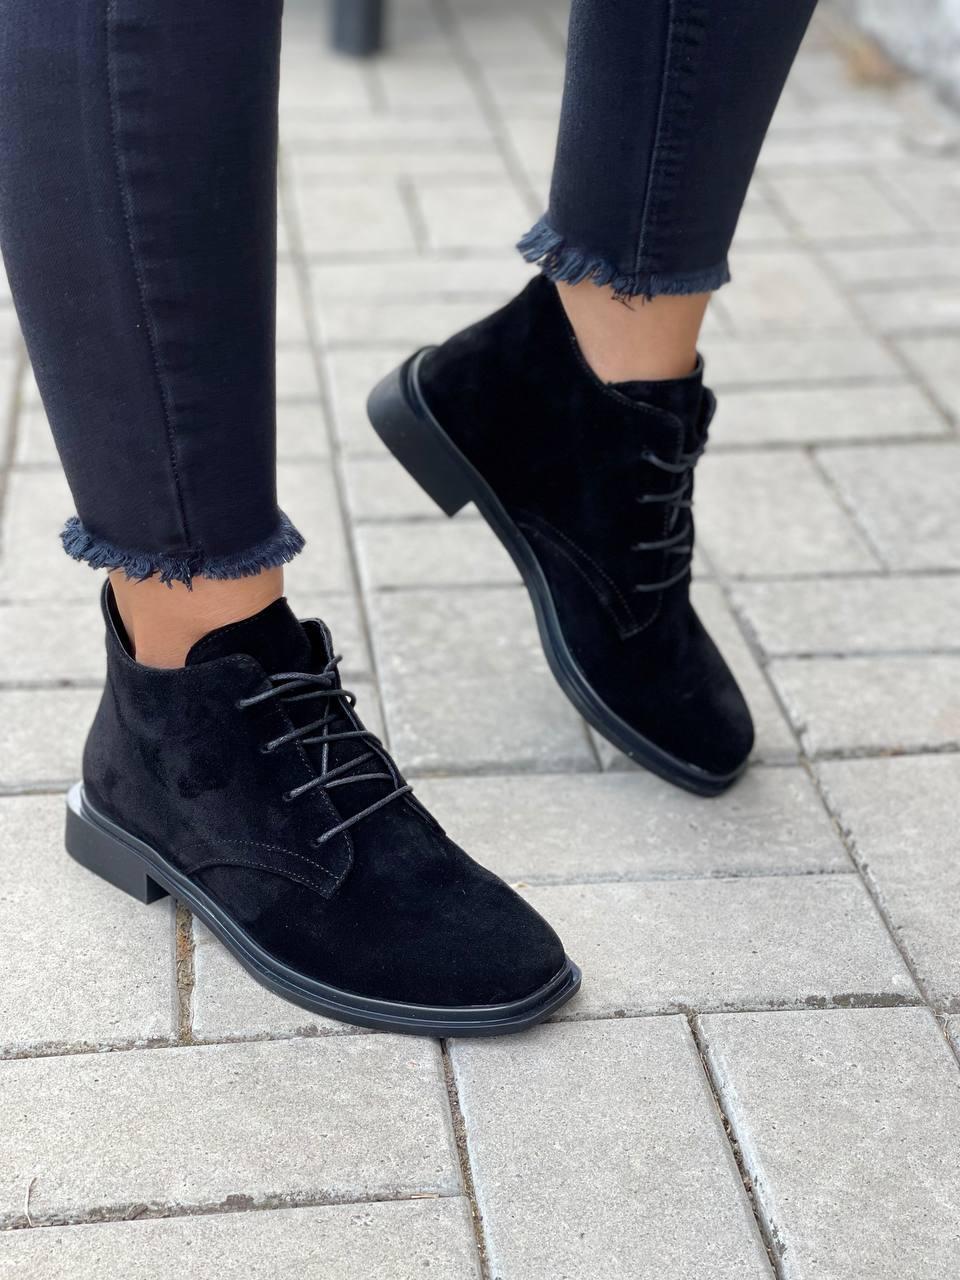 Жіночі черевики ДЕМІ чорні на шнурівці натуральна замша весна/осінь